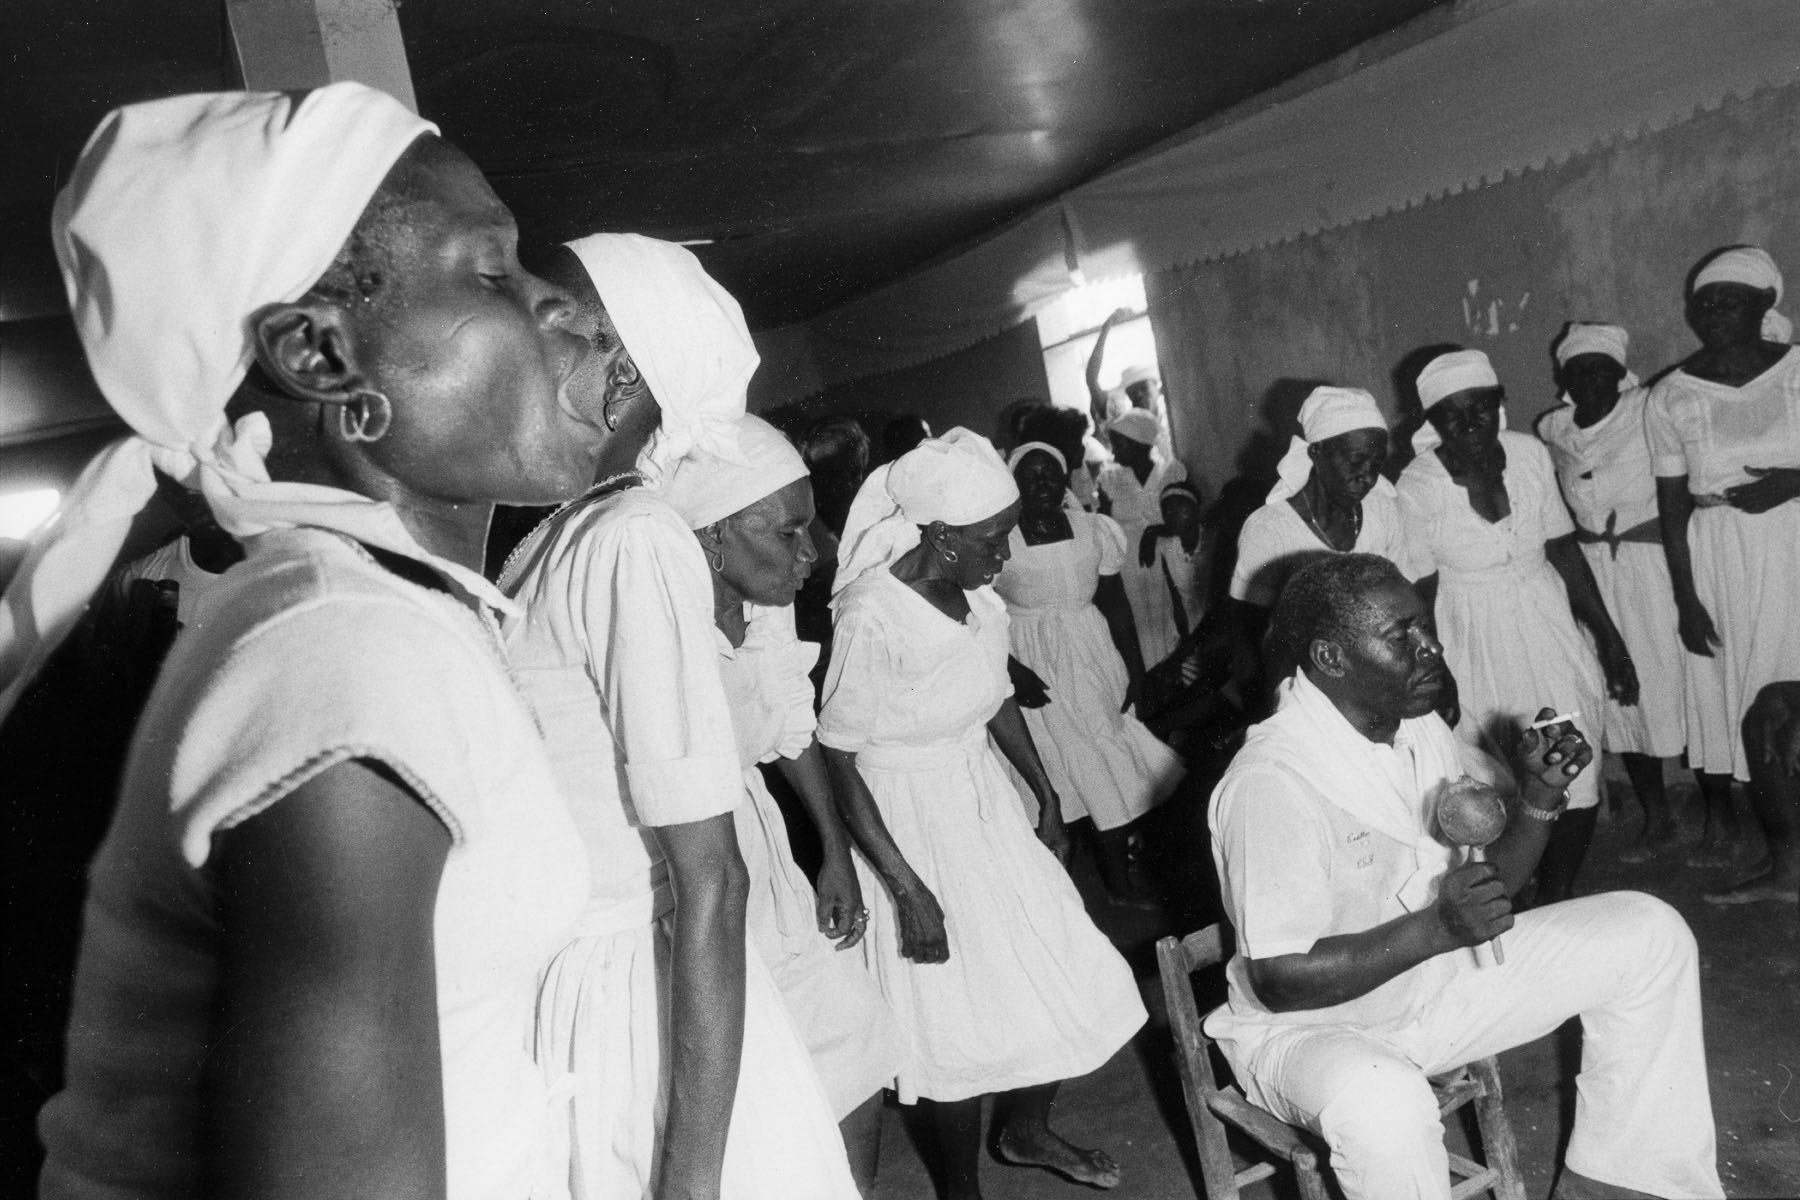 Voodoo ceremony in August 1986